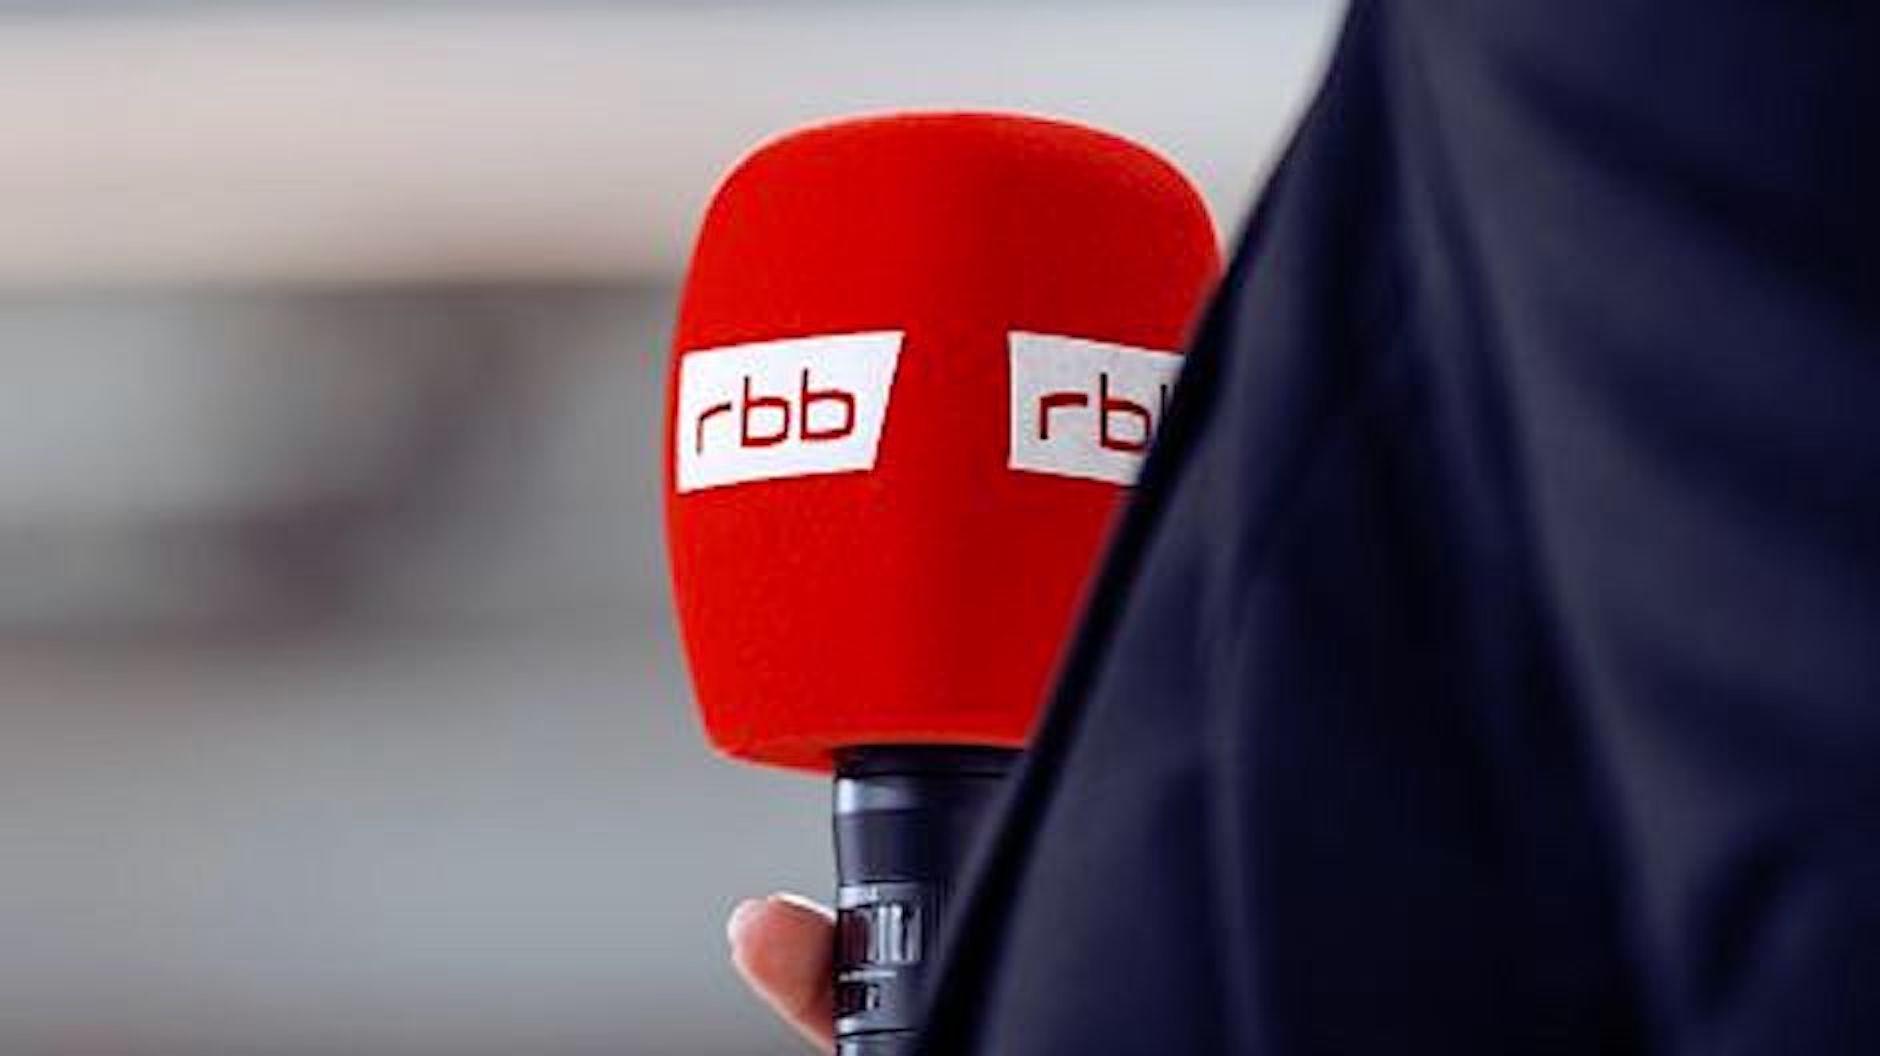 https://www.vdskc.de/wp-content/uploads/2021/02/rbb-Mikrofon.jpg